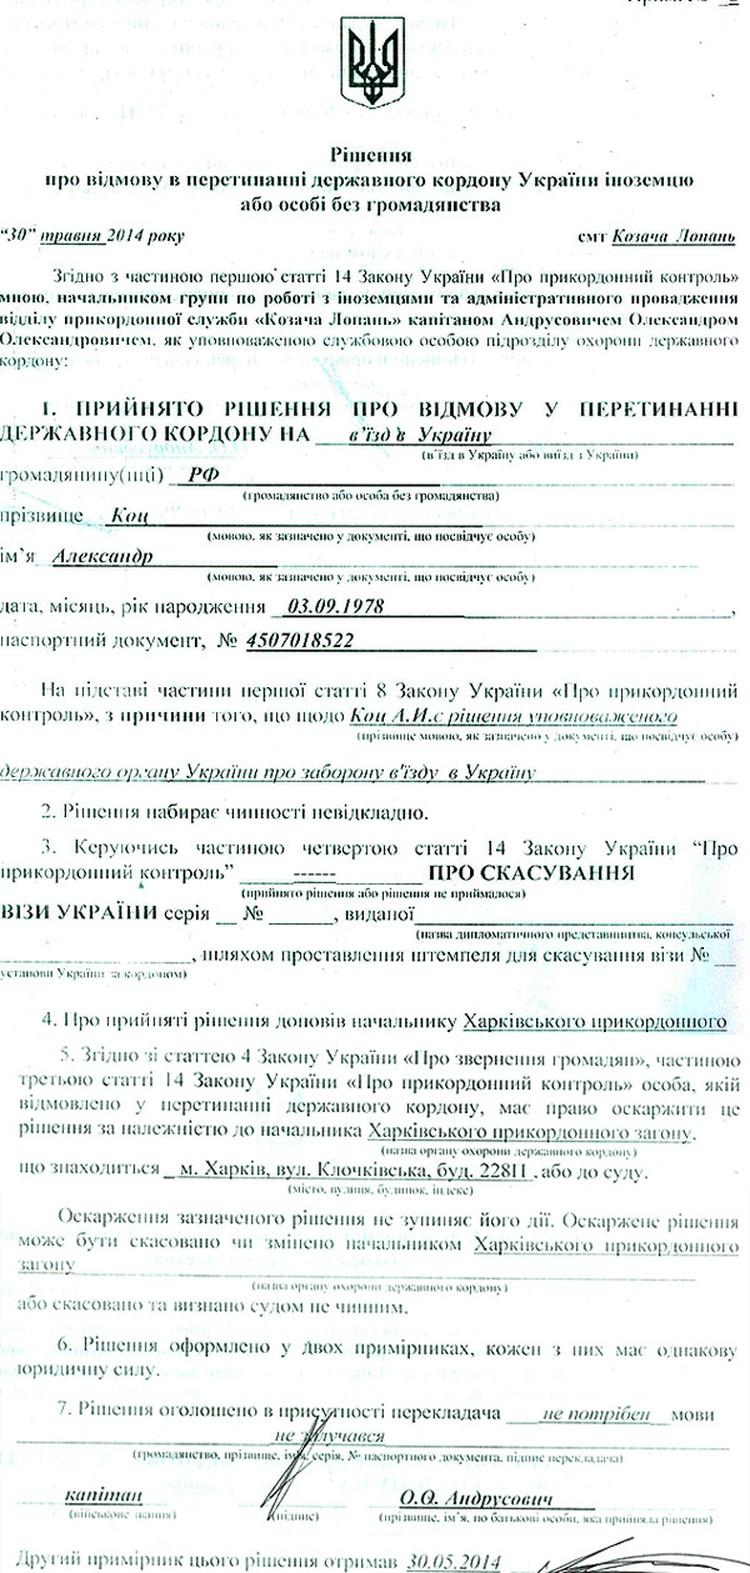 Копия документа украинской стороны.